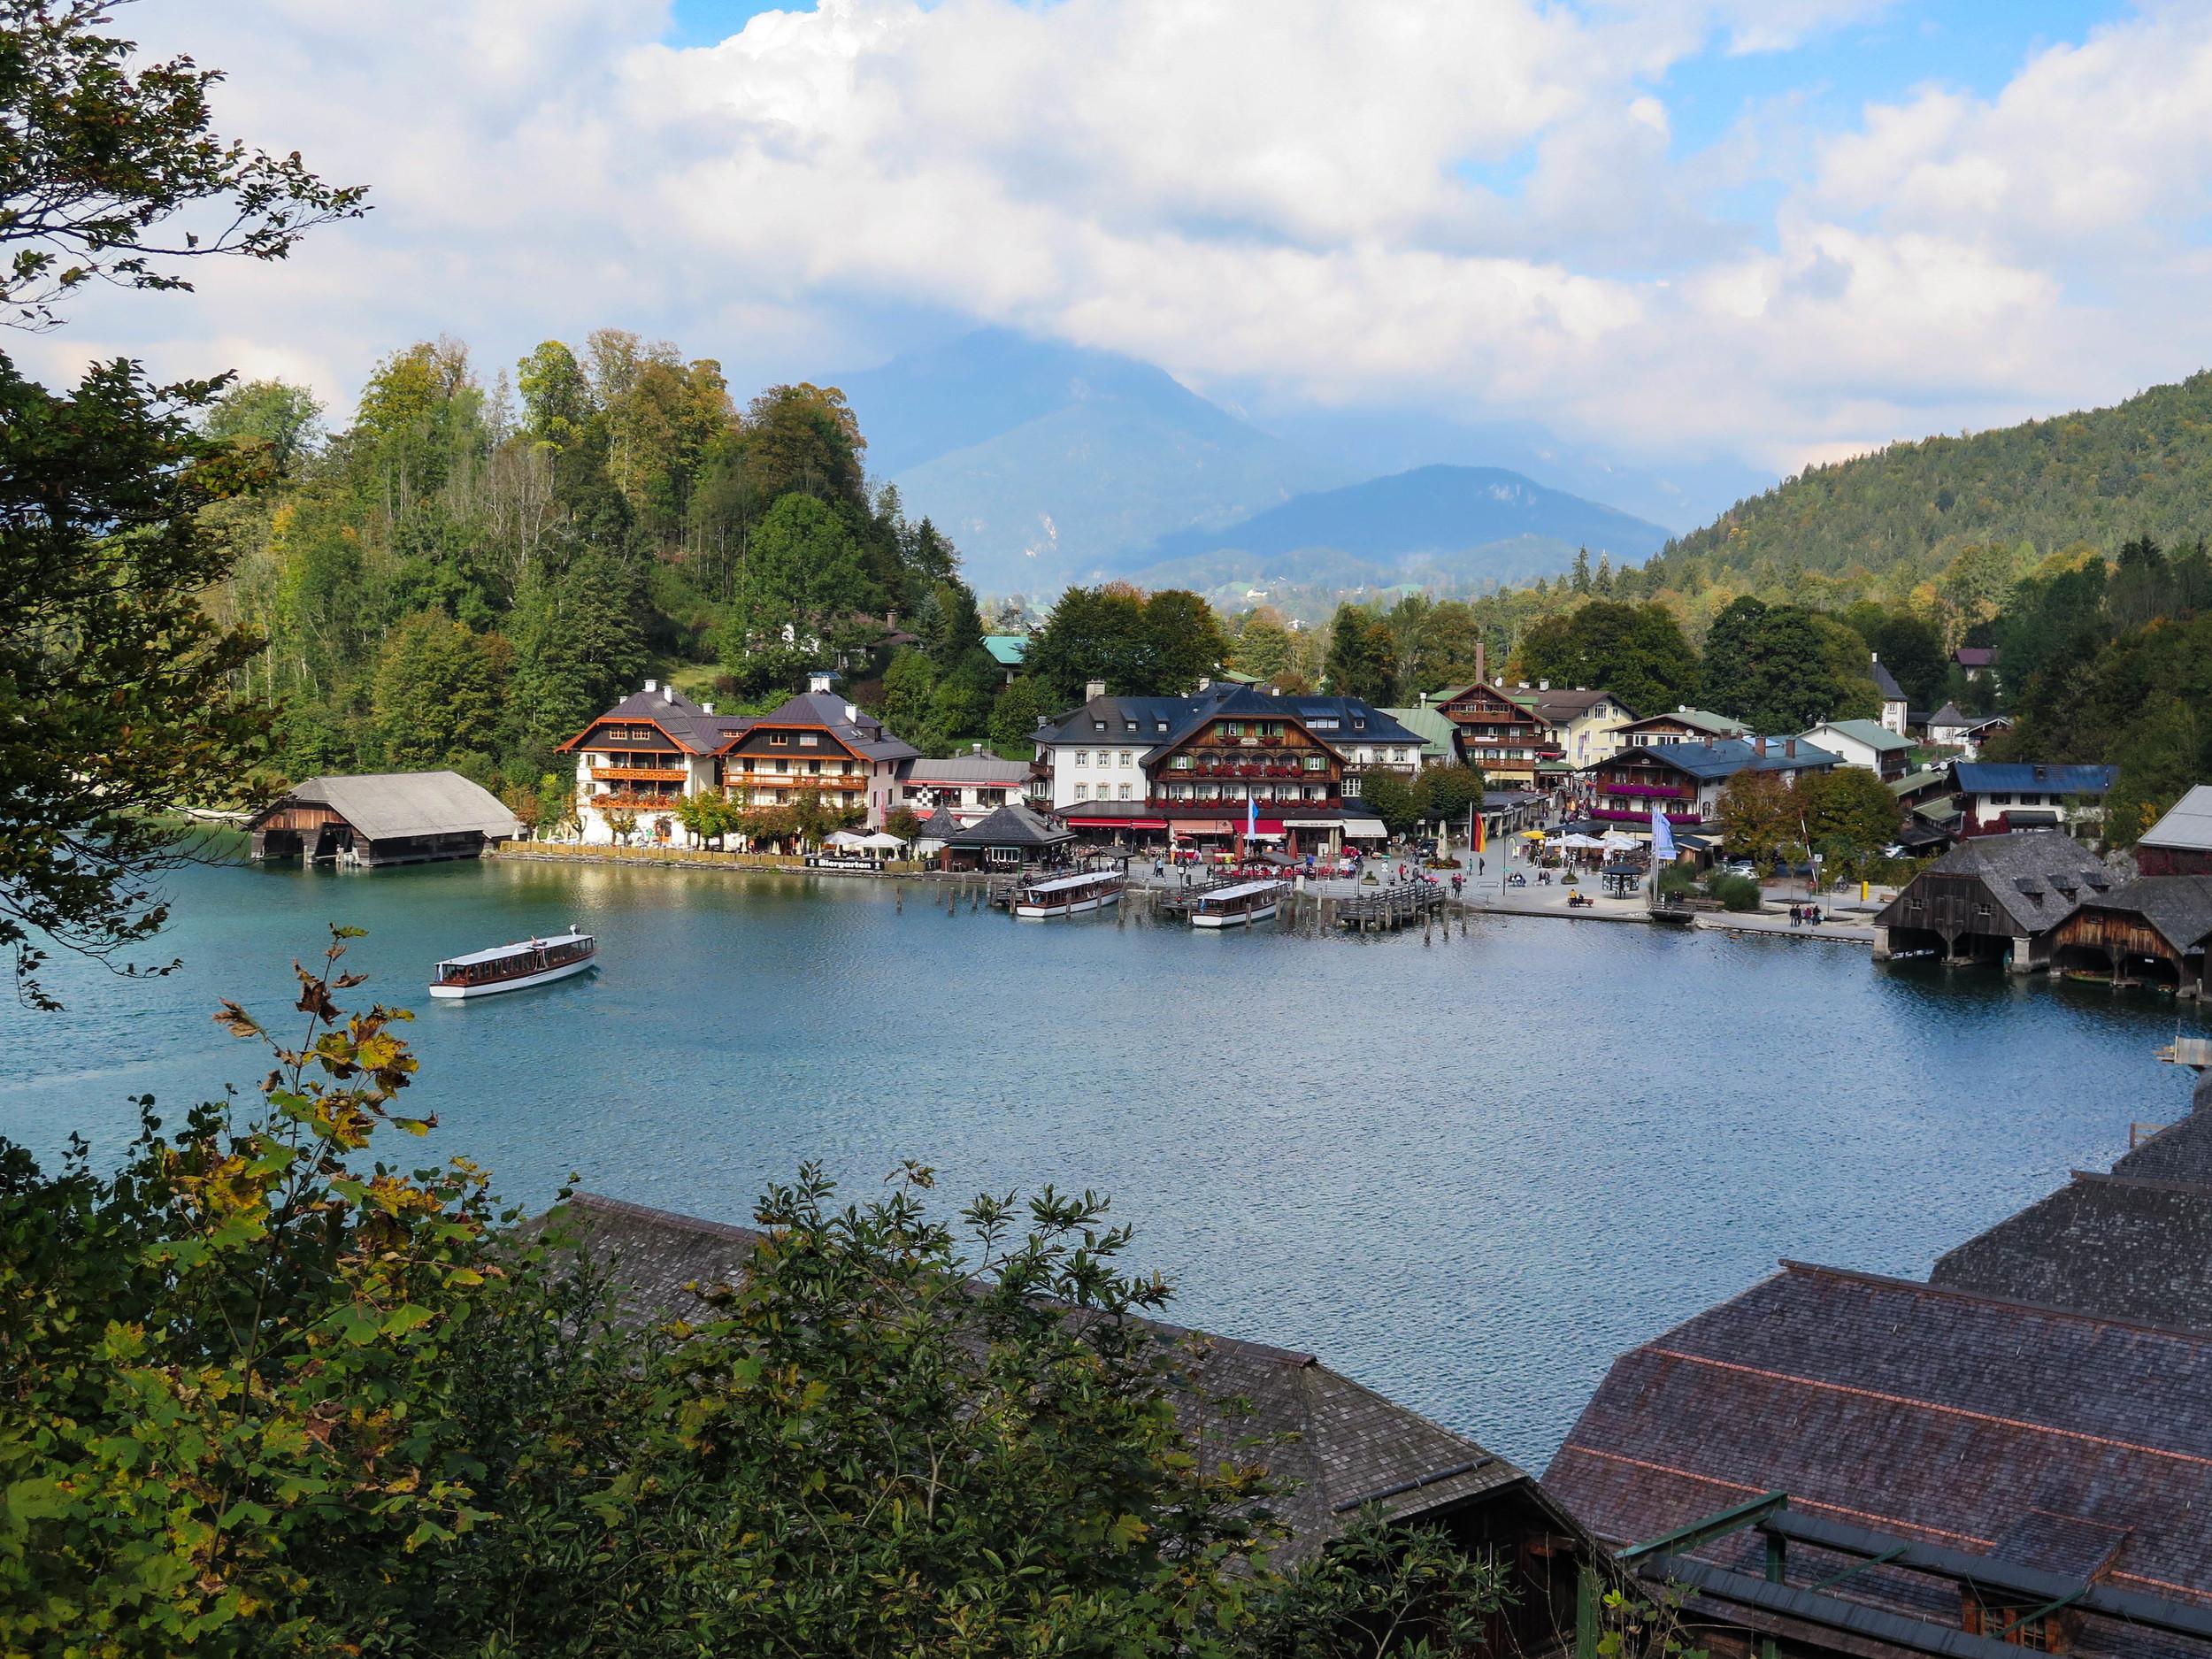 Kongissee Lake